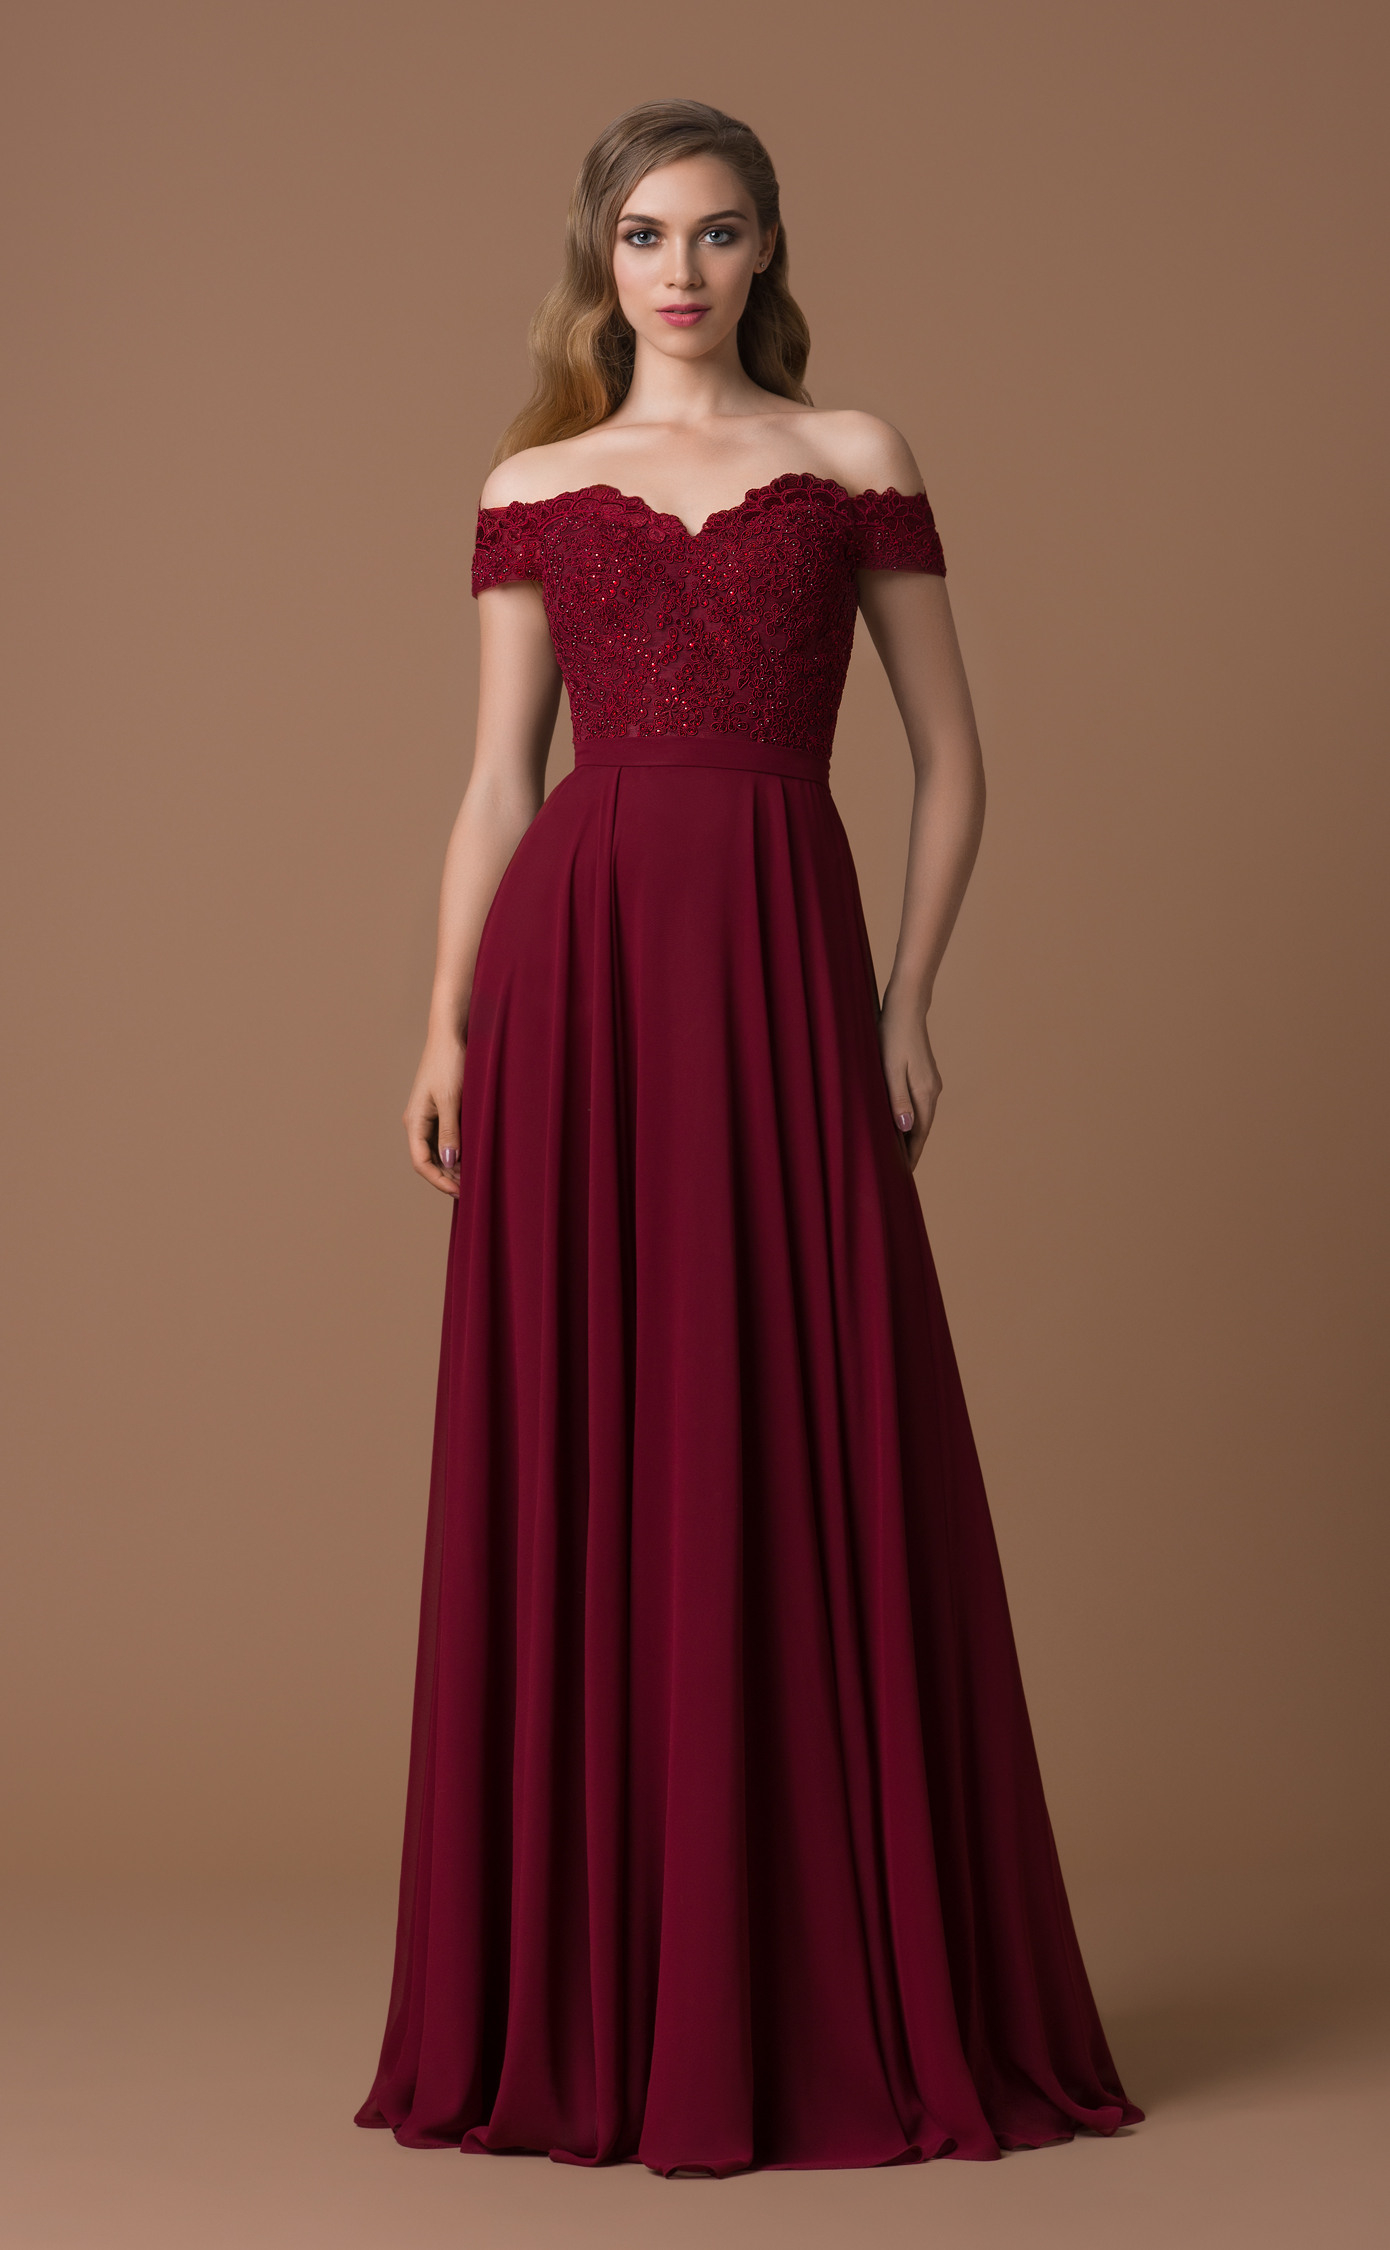 13 Schön Abend Kleid Stylish15 Kreativ Abend Kleid Vertrieb